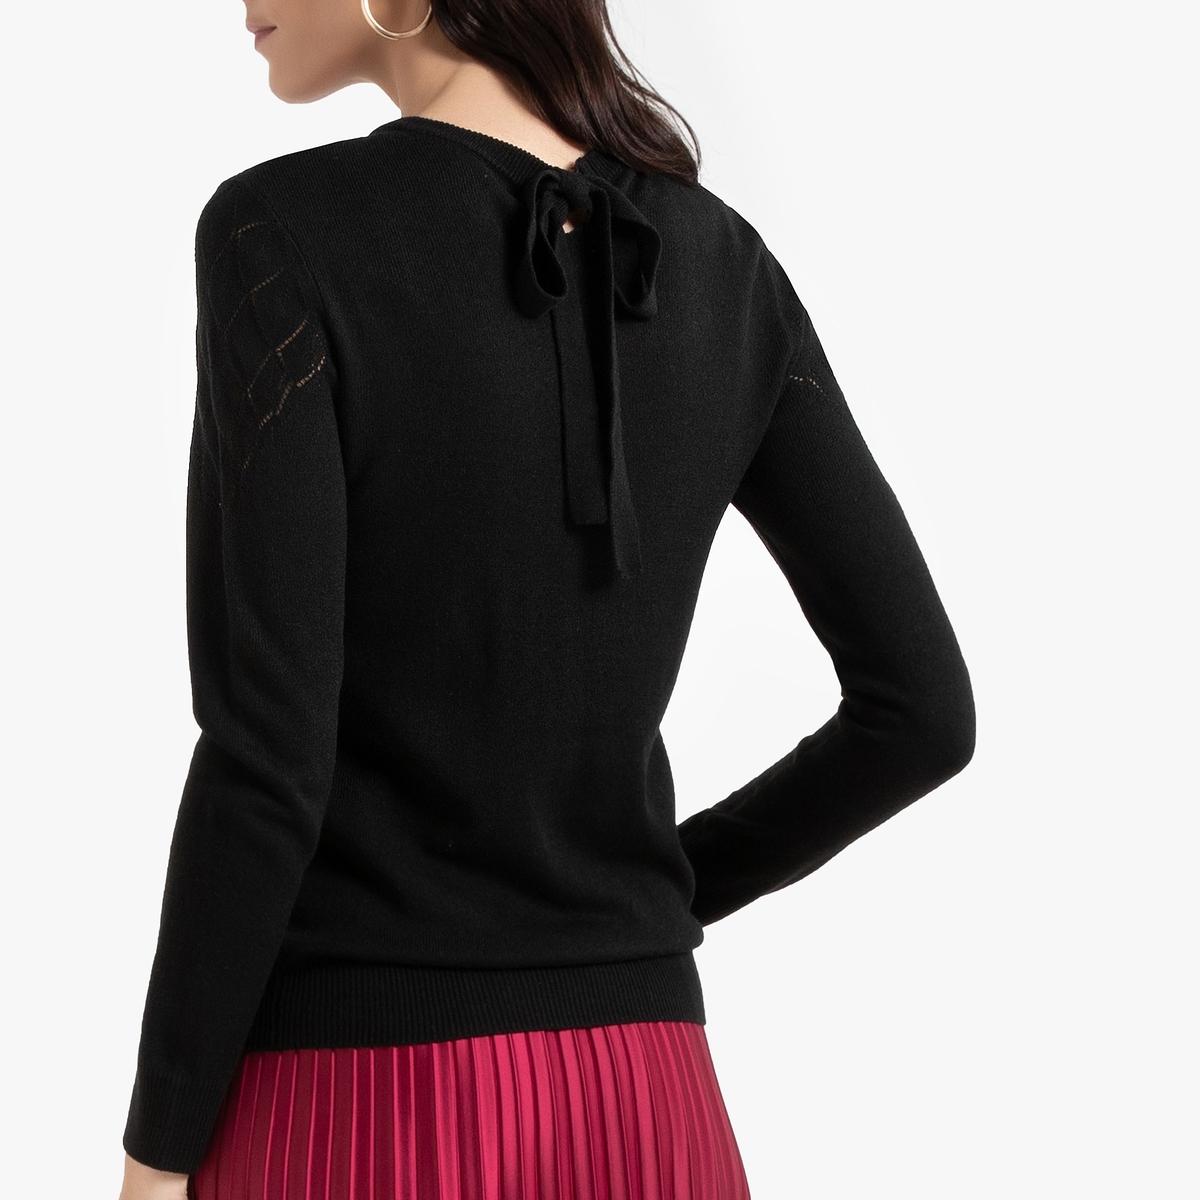 Пуловер La Redoute С круглым вырезом из тонкого ажурного трикотажа 50/52 (FR) - 56/58 (RUS) черный блузка la redoute с круглым вырезом без рукавов 50 fr 56 rus черный